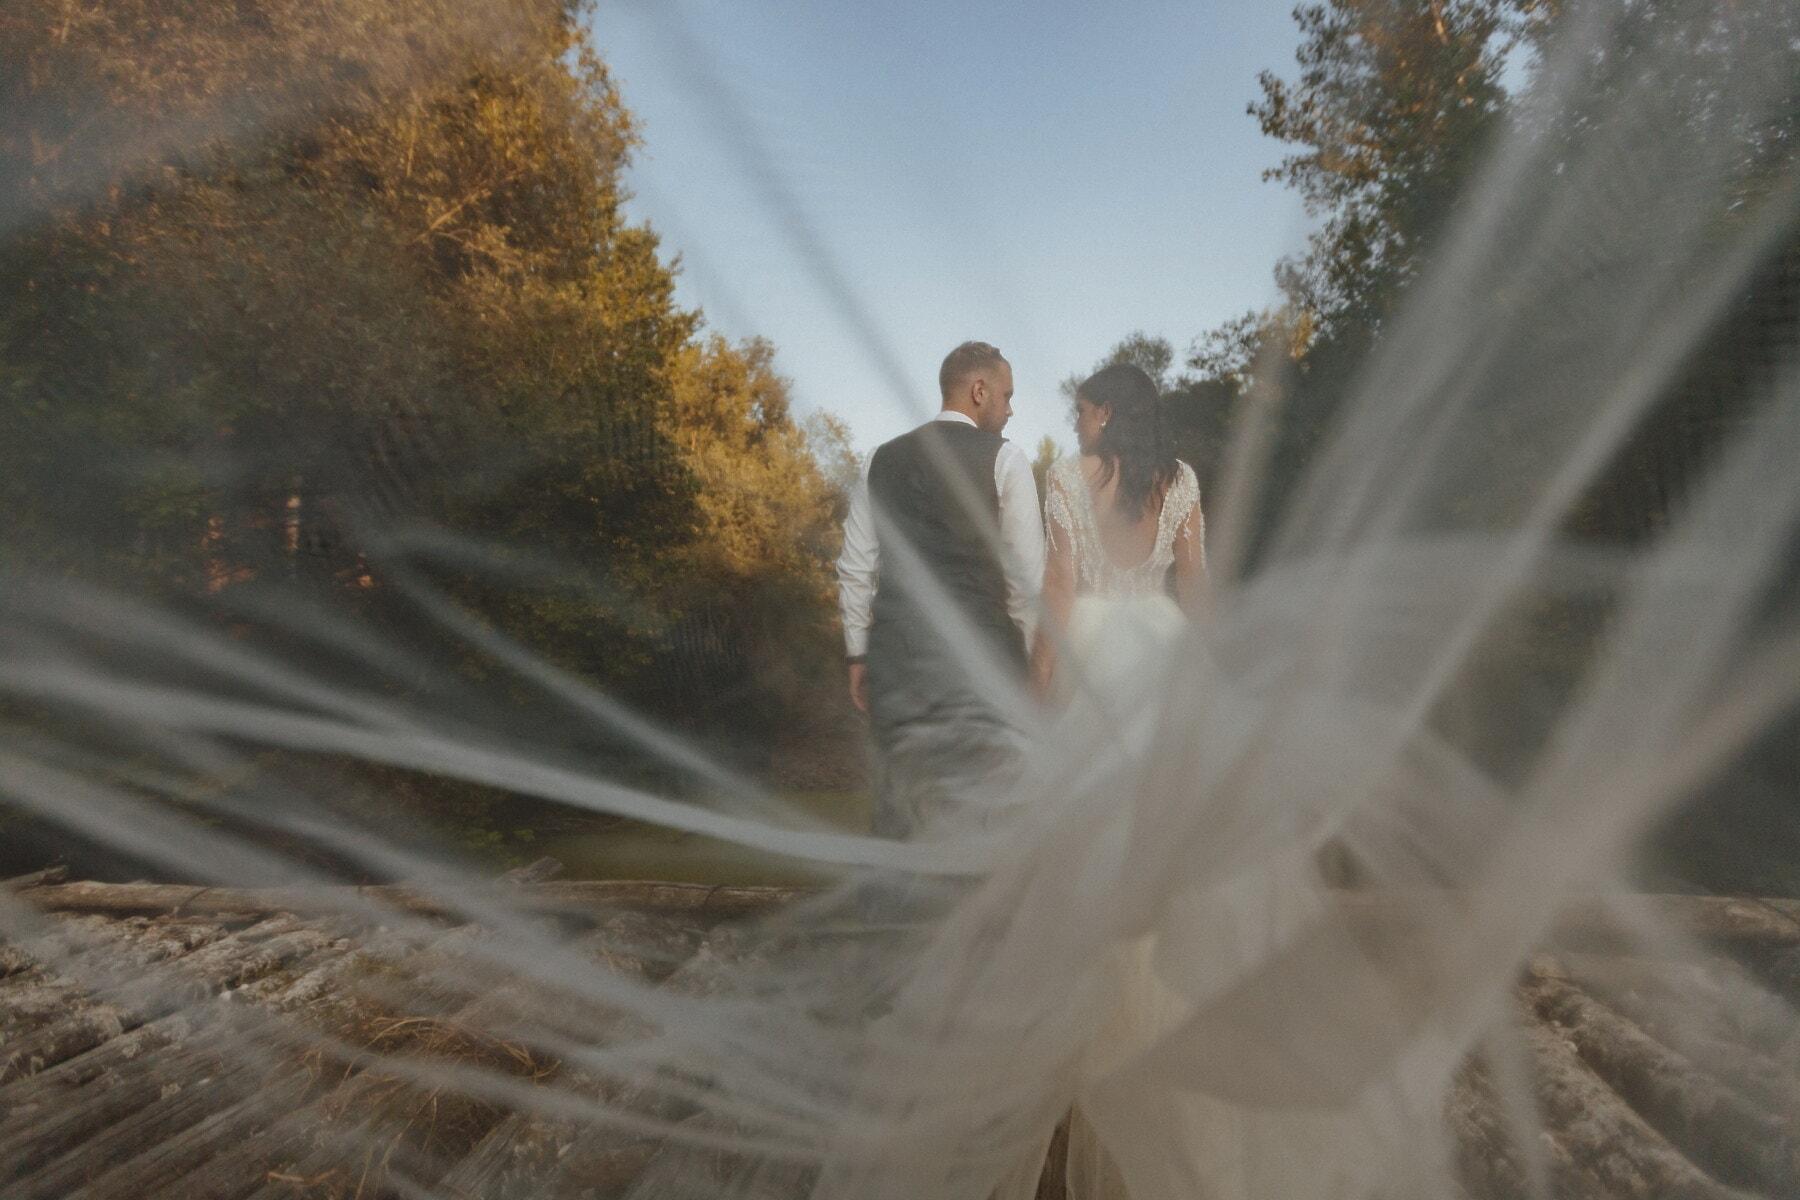 frisch verheiratet, Hochzeitskleid, Schleier, Hochzeit, Bräutigam, Liebe, Braut, Kleid, Frau, Mädchen